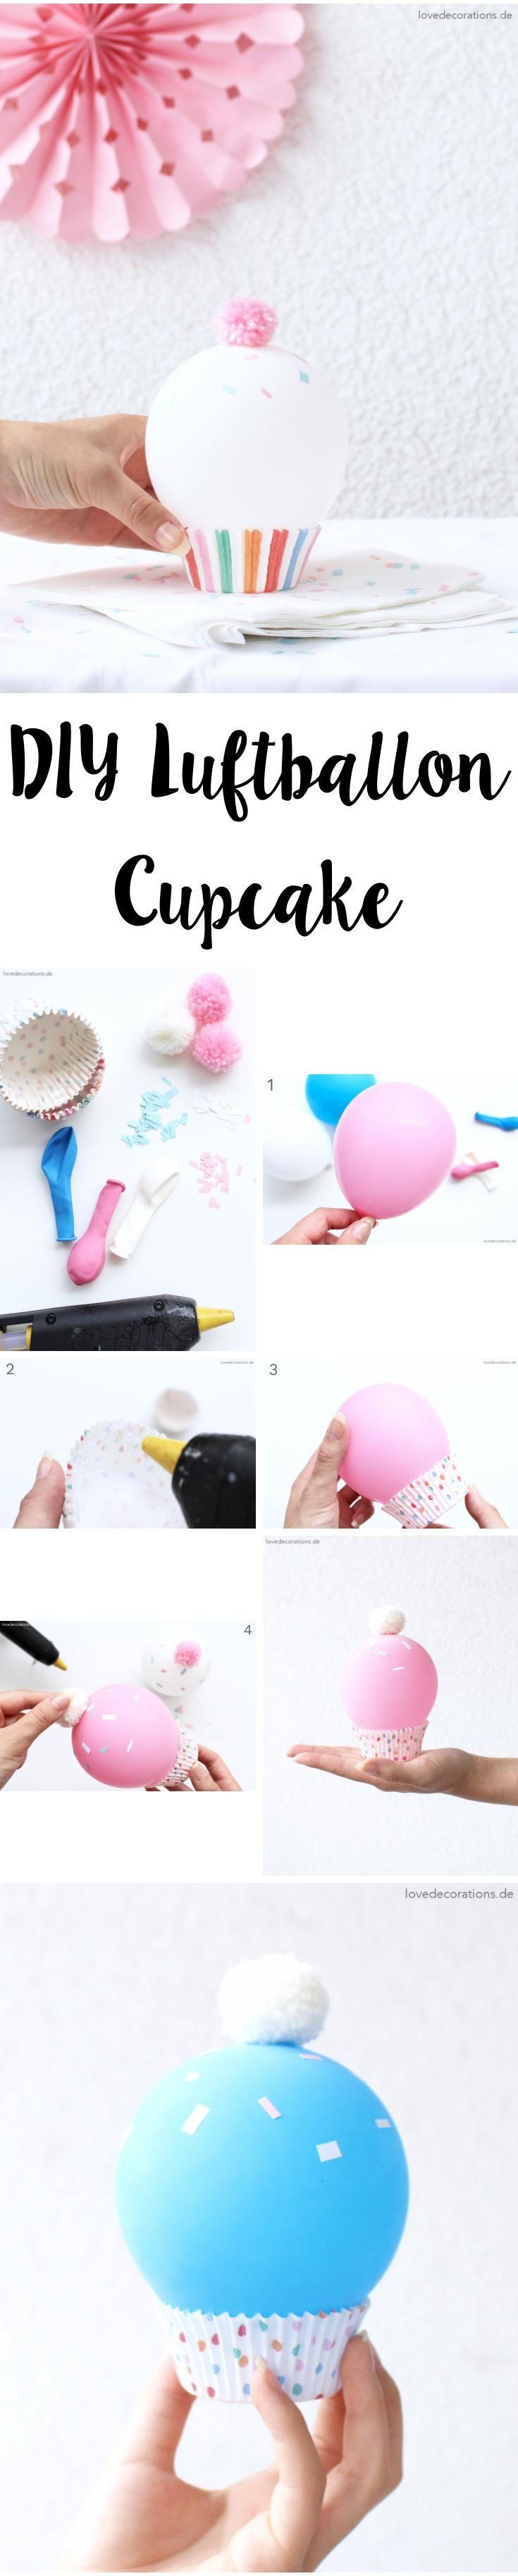 DIY Luftballon Cupcake |DIY Balloon Cupcake